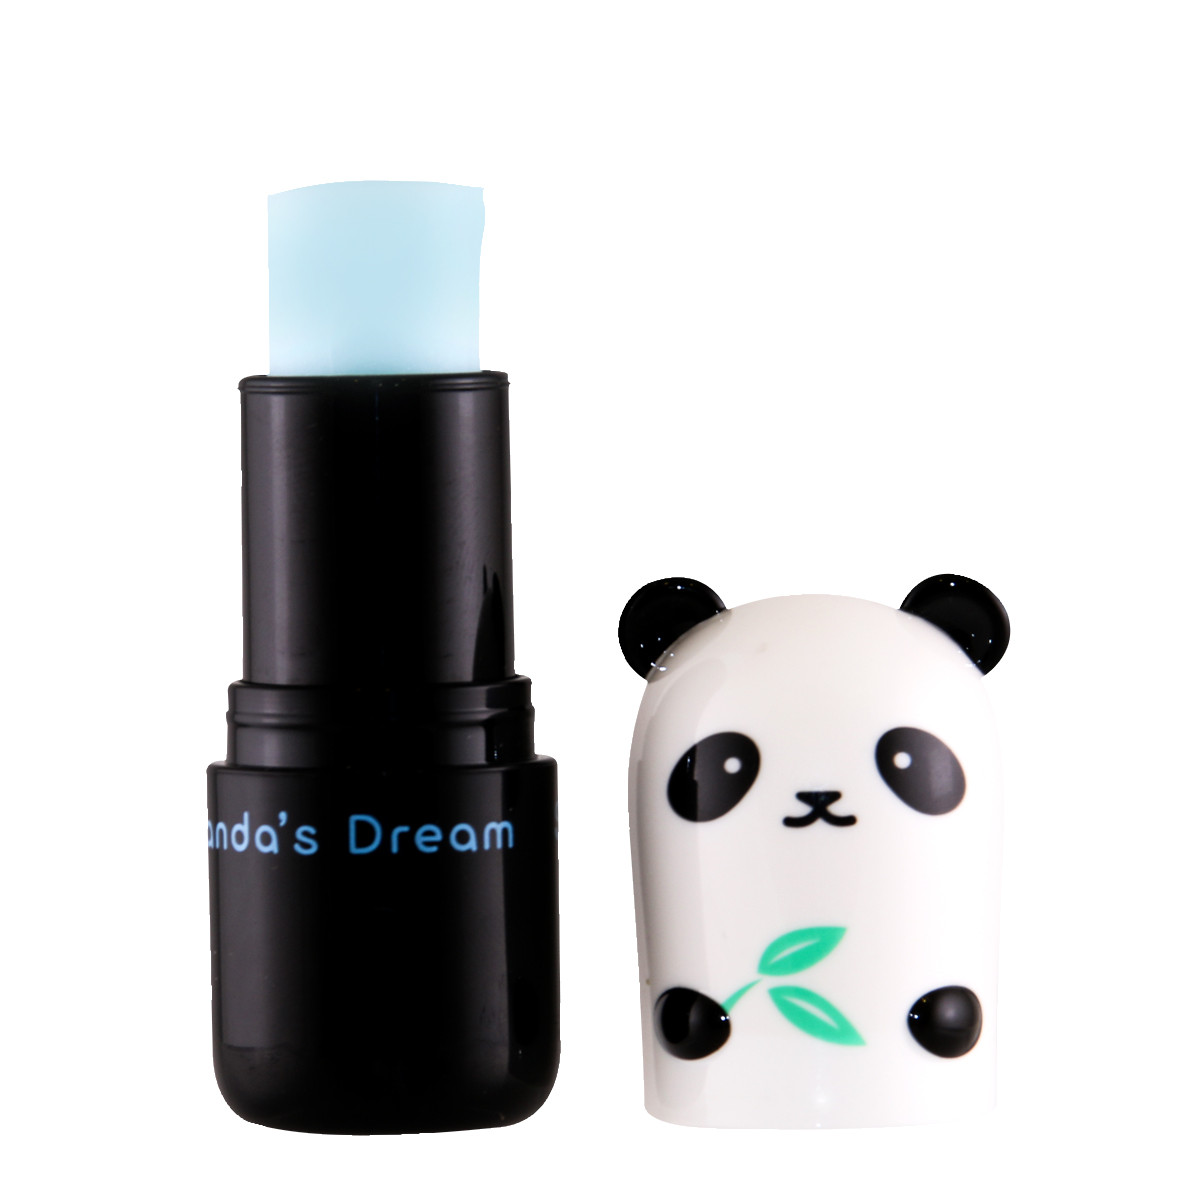 TonyMoly Охлаждающий стик для области вокруг глаз Pandas Dream So Cool Eye Stick, 9грFS-00897Охлаждающая сыворотка для области вокруг глаз в виде стика. Как и вся продукция Tony Moly имеет восхитительный дизайн, выполненный в виде милой панды. Основные компоненты: ниацинамид, галоксил, экстракт сибирского крыжовника, аденозин, ледниковая вода, морская вода. - ледниковая вода придаст коже вокруг глаз ощущение свежести и охлаждения, а подверженная сухости кожа глаз моментально увлажняется; - морская вода выводит токсины и улучшает микроциркуляцию; - ниацинамид защищает кожу от солнечных лучей и улучшает ее эластичность; - аденозин - аминокислота возвращает упругость кожи, предотвращает появление морщин; - экстракты актинидии и бамбука осветляют темные круги под глазами, возвращают молодость и нежность вашей коже. Не содержит парабенов, минерального масла, бензофенона, ГМО, триэтаноламина и т.д.